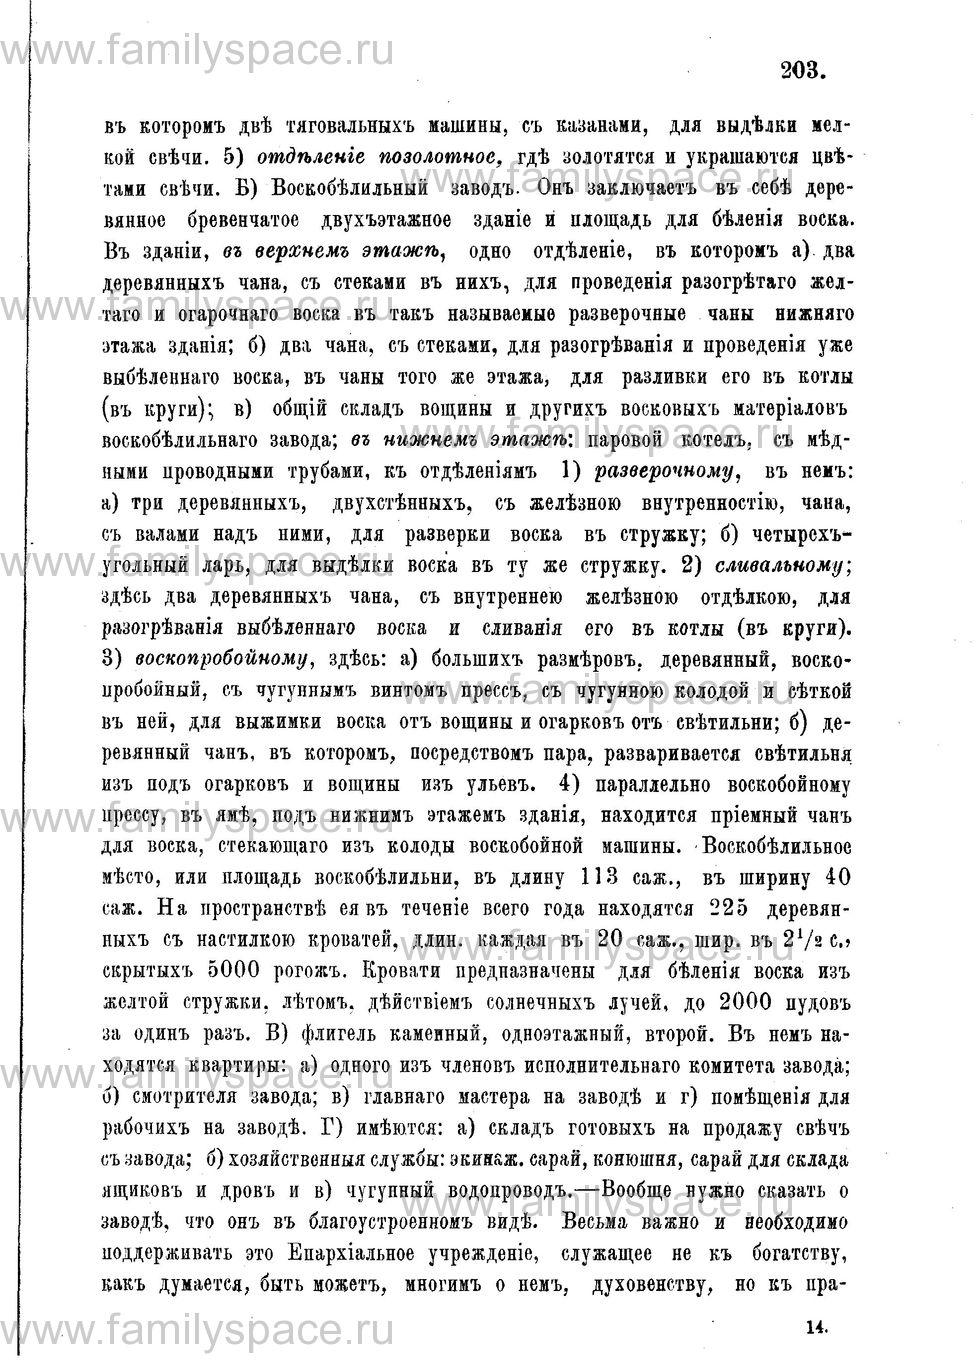 Поиск по фамилии - Адрес-календарь Нижегородской епархии на 1888 год, страница 1203